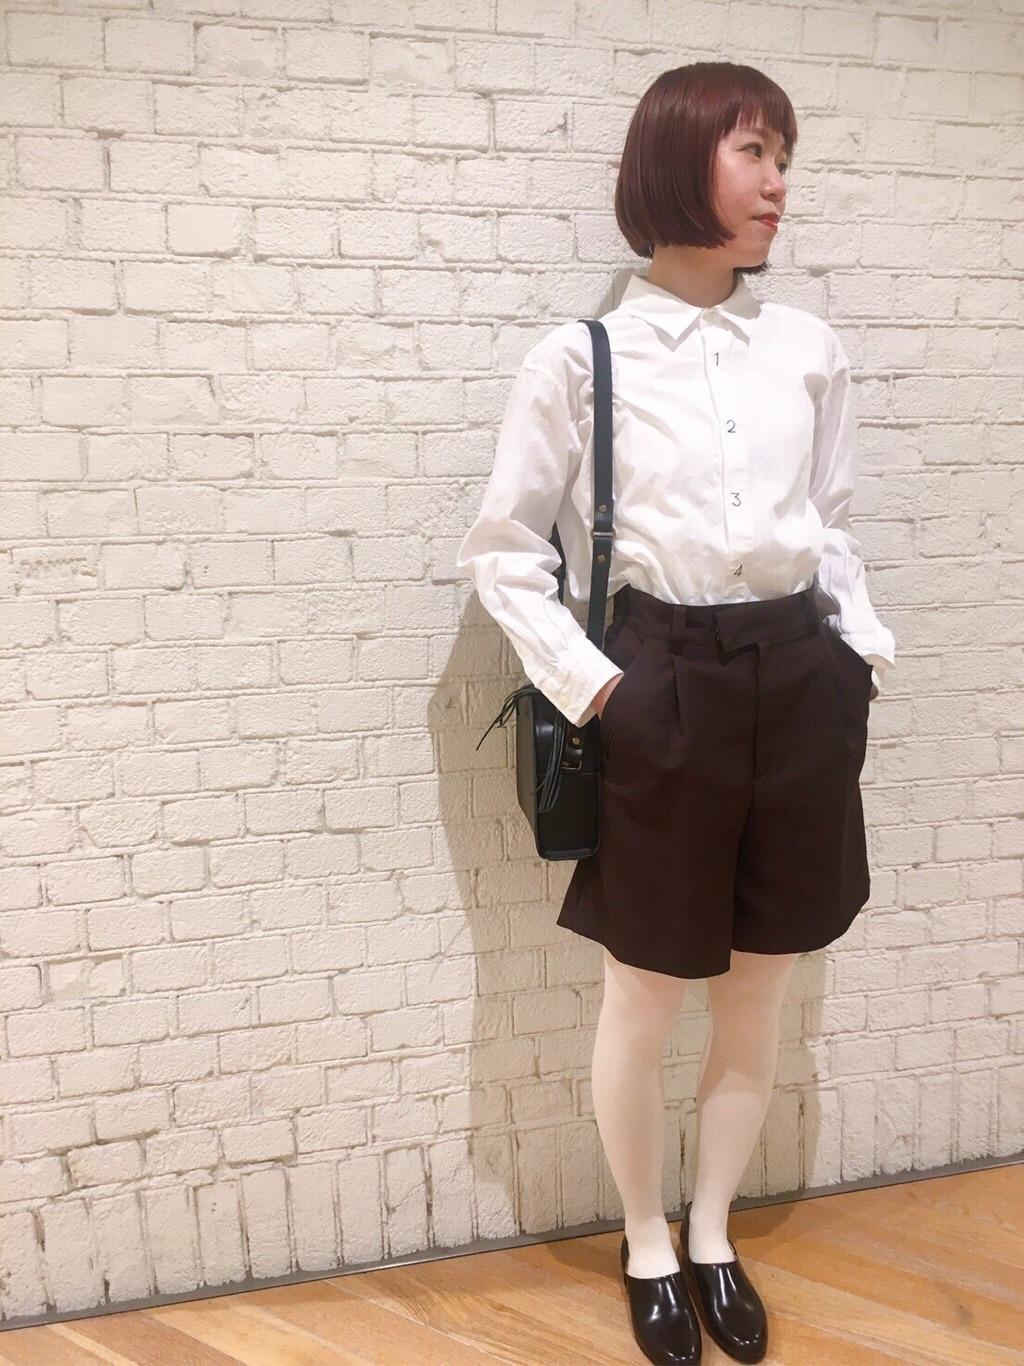 l'atelier du savon グランフロント大阪 身長:162cm 2020.04.19